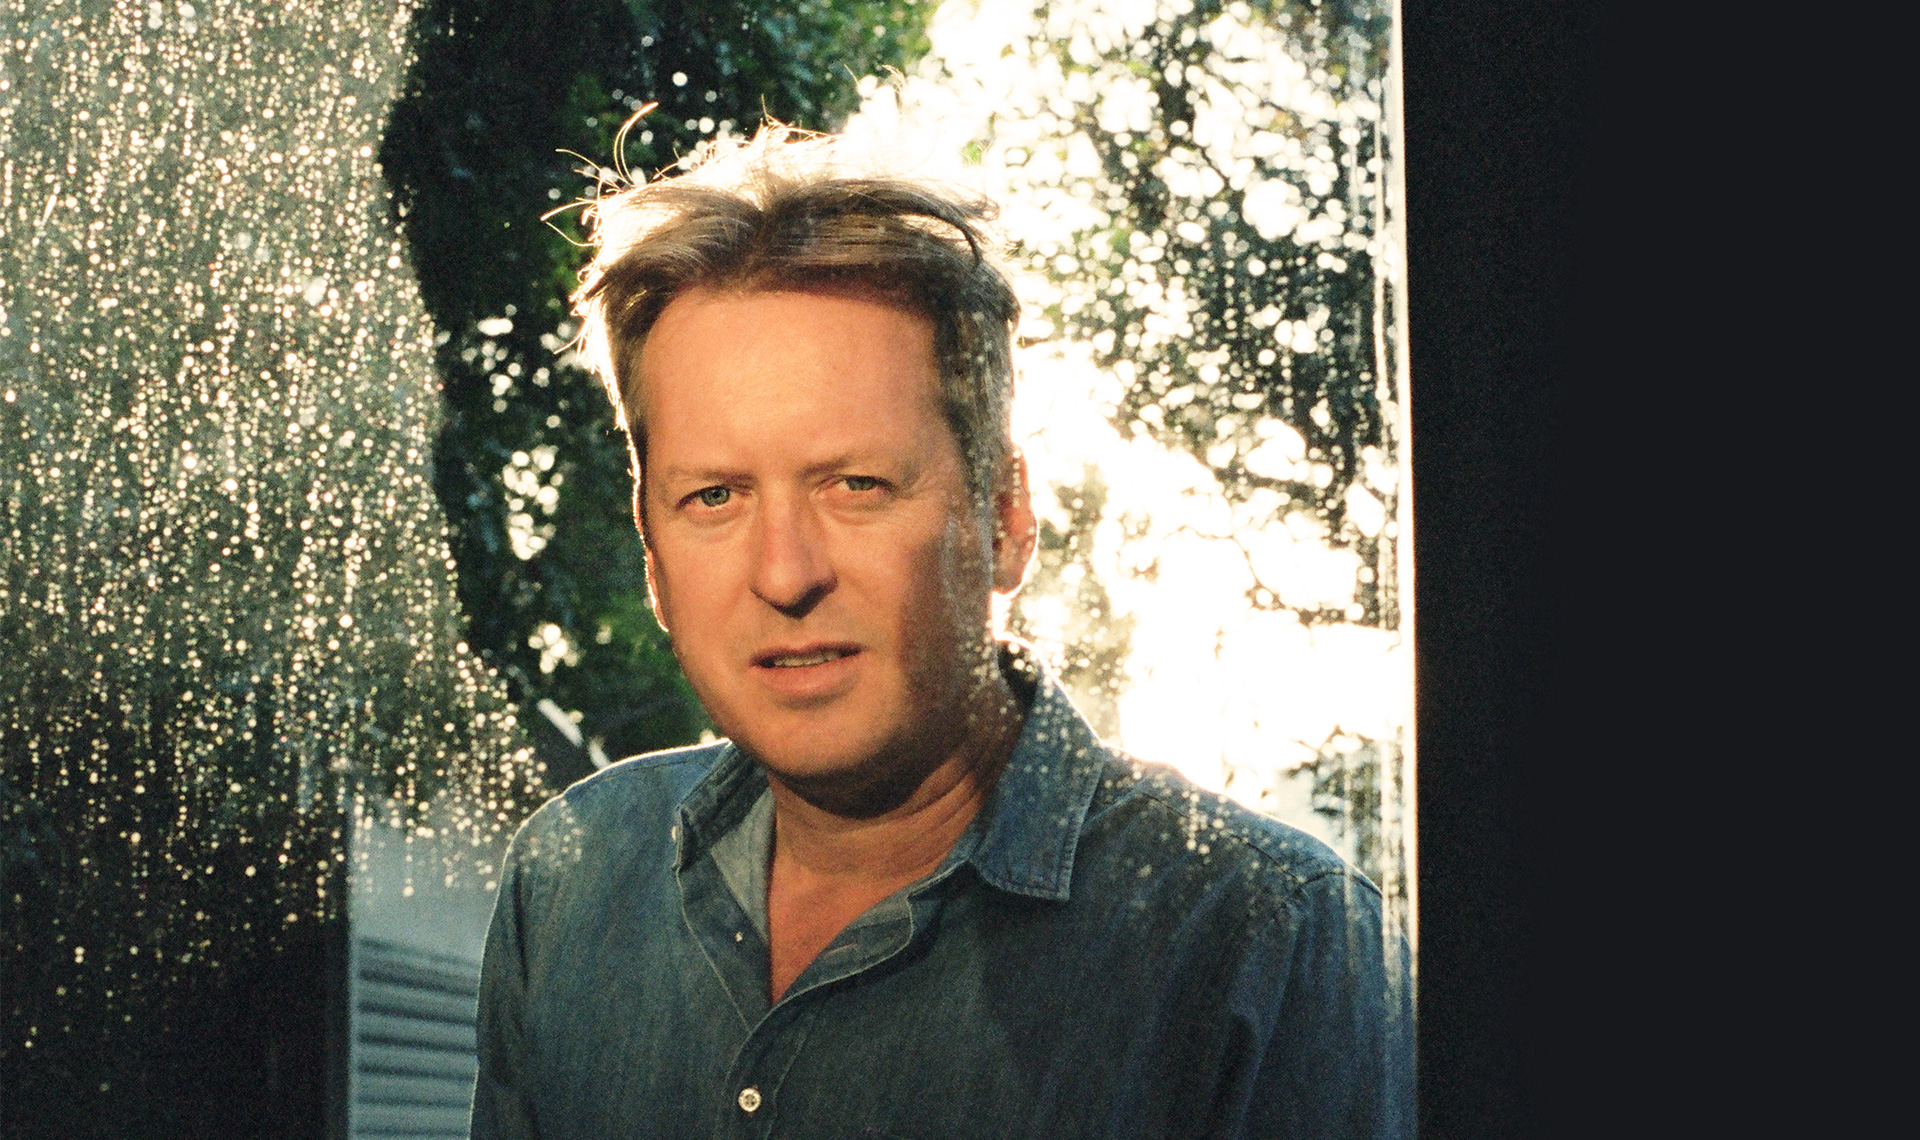 Даг Эйткен: творчество похоже на кислород